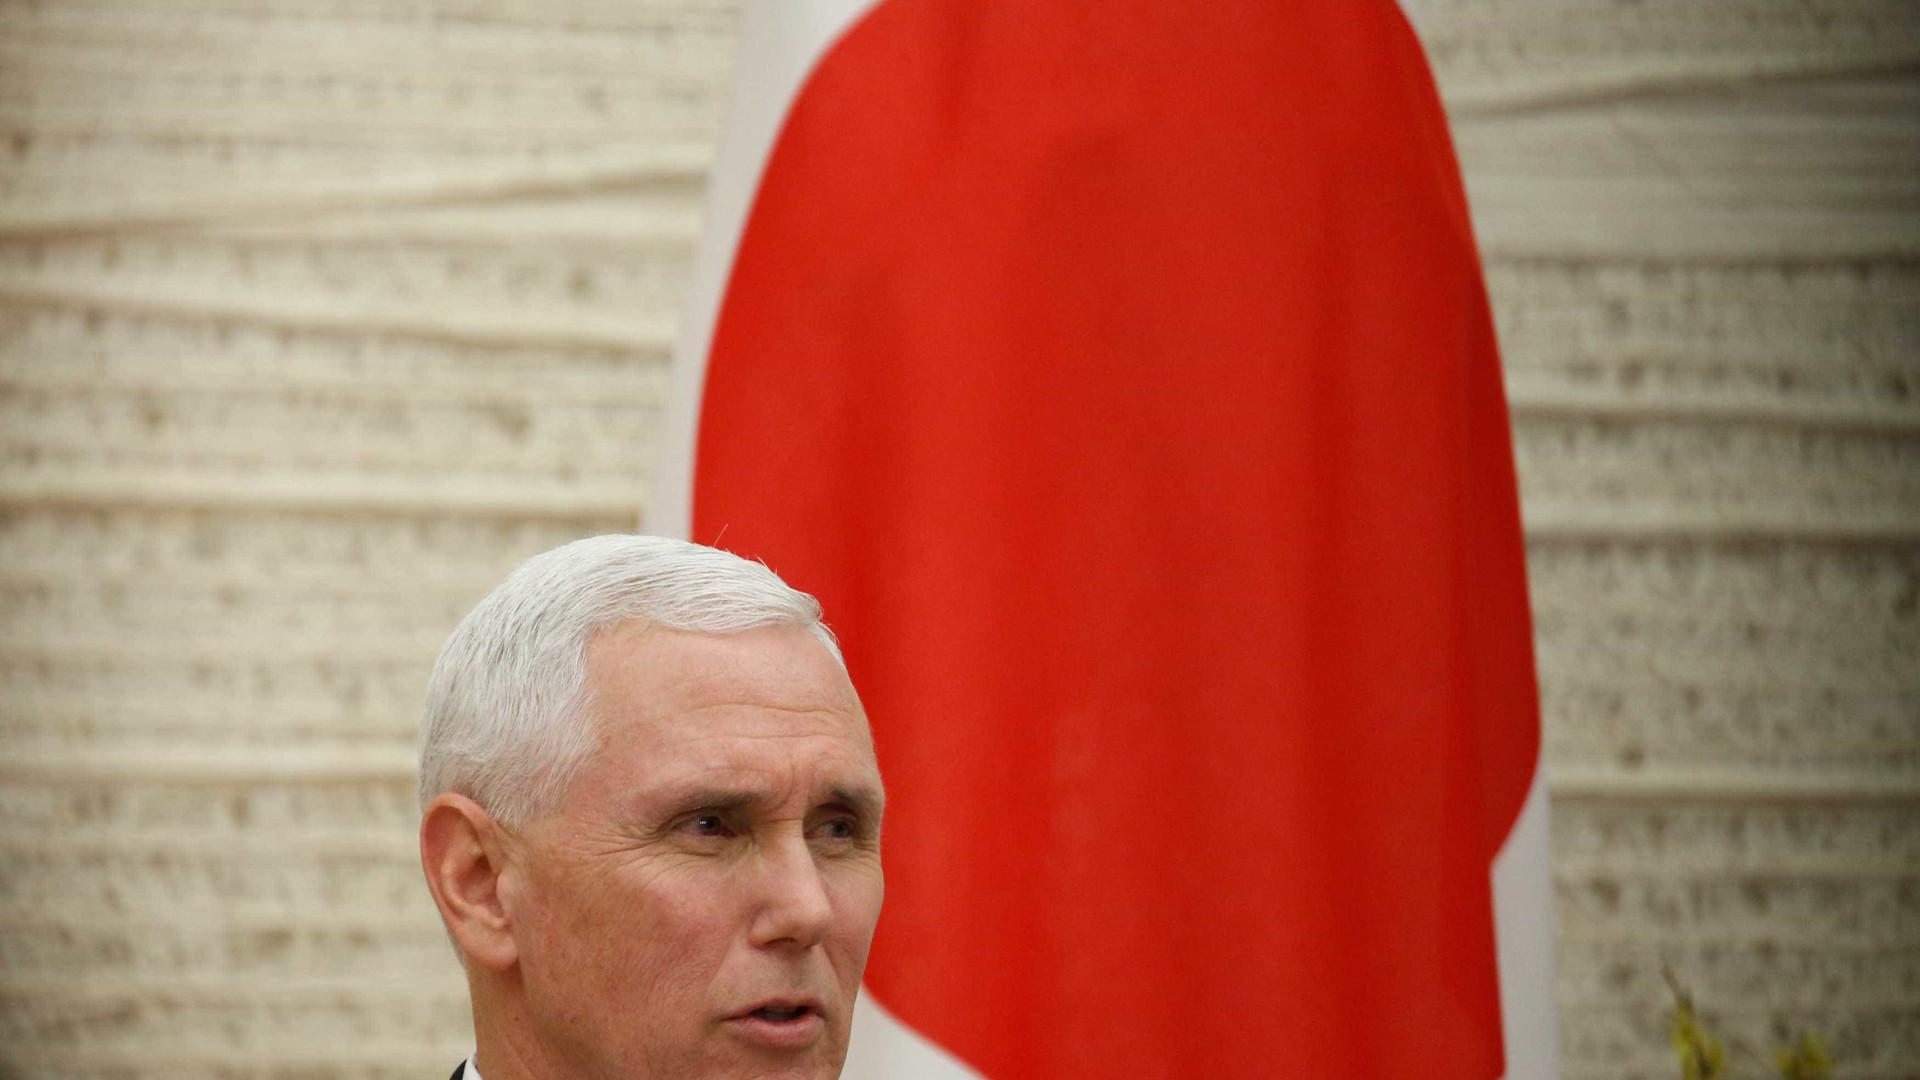 Estados Unidos descartam negociações diretas com Kim Jong-un